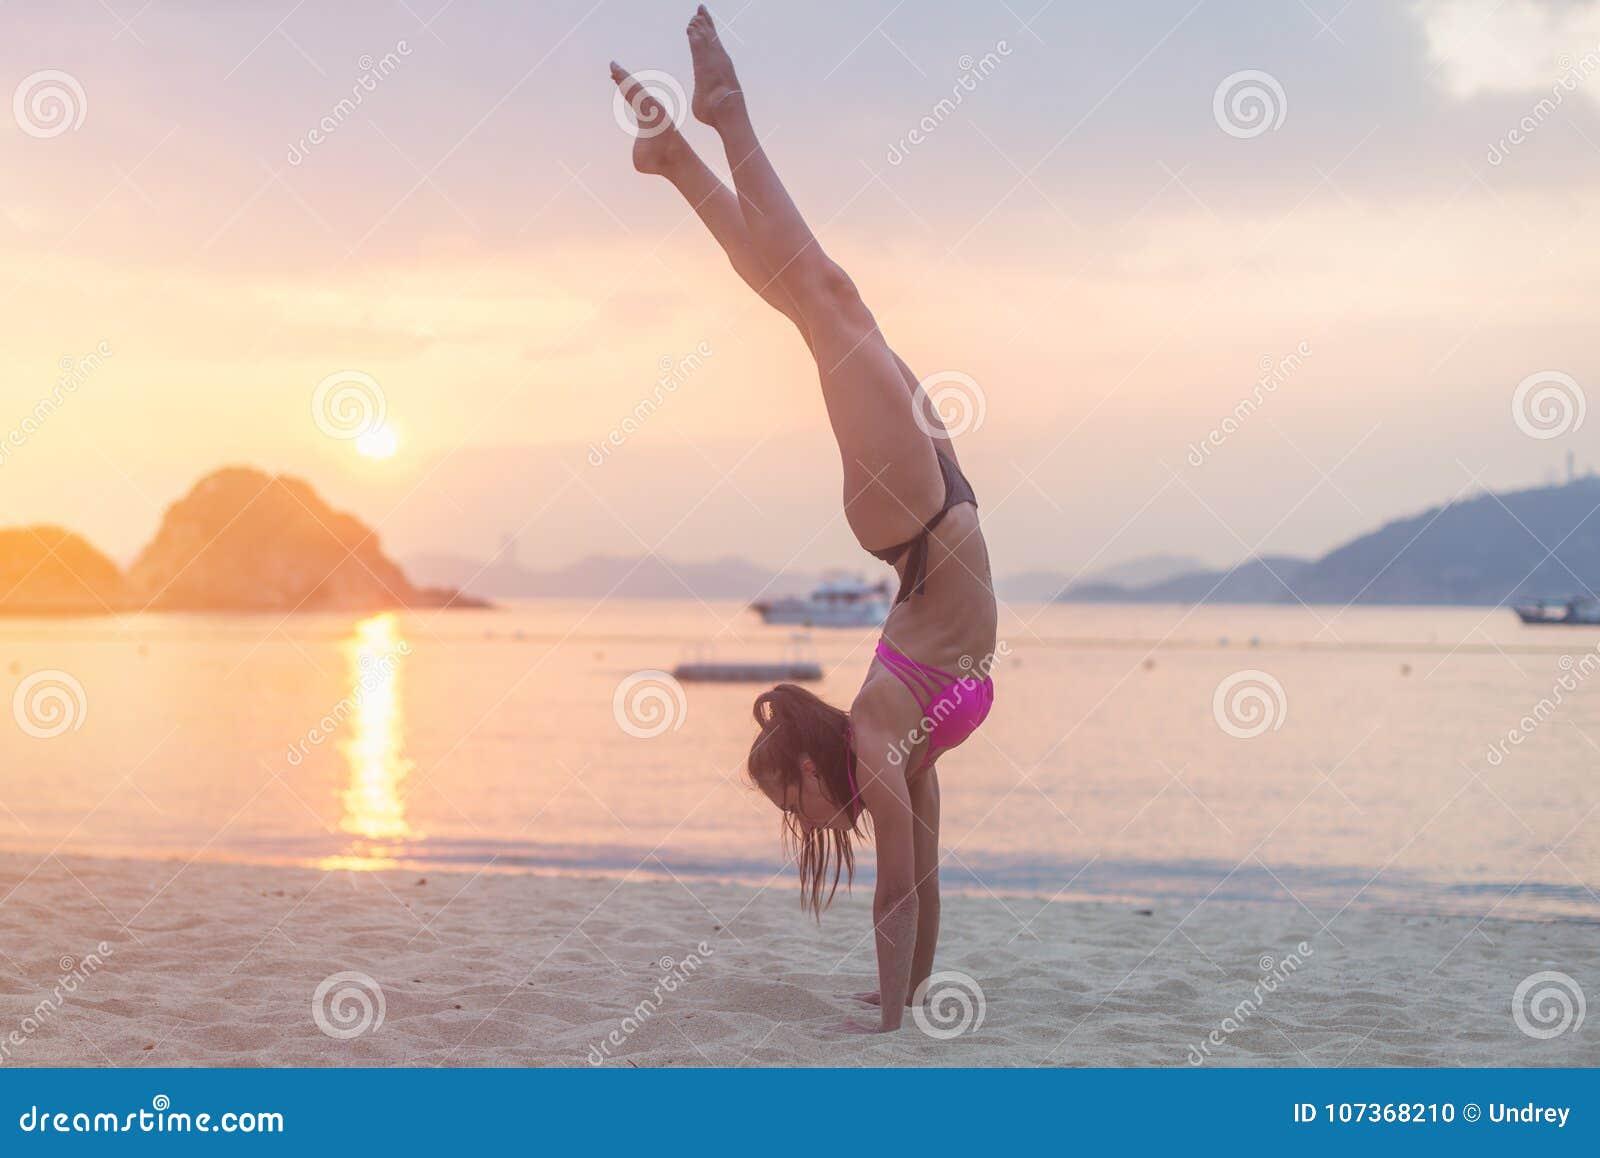 Junge Eignungsfrau, die Handstandübung auf Strand bei Sonnenaufgang tut Sportliches Mädchen in übender Yogaküste des Bikinis